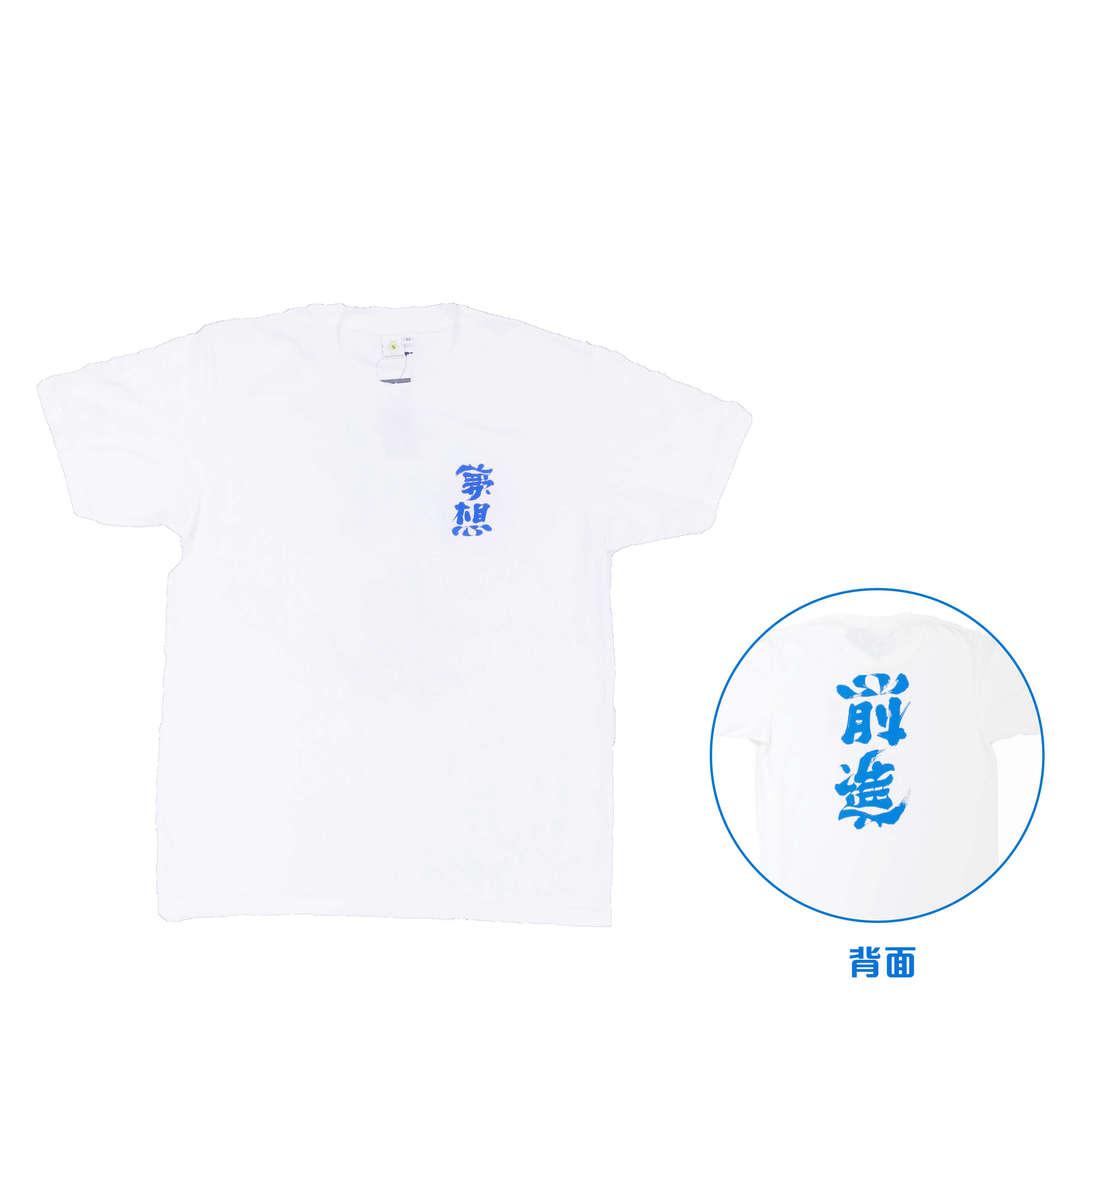 夢想(F)/前進(B)-Tshirt-藍底白字(M)